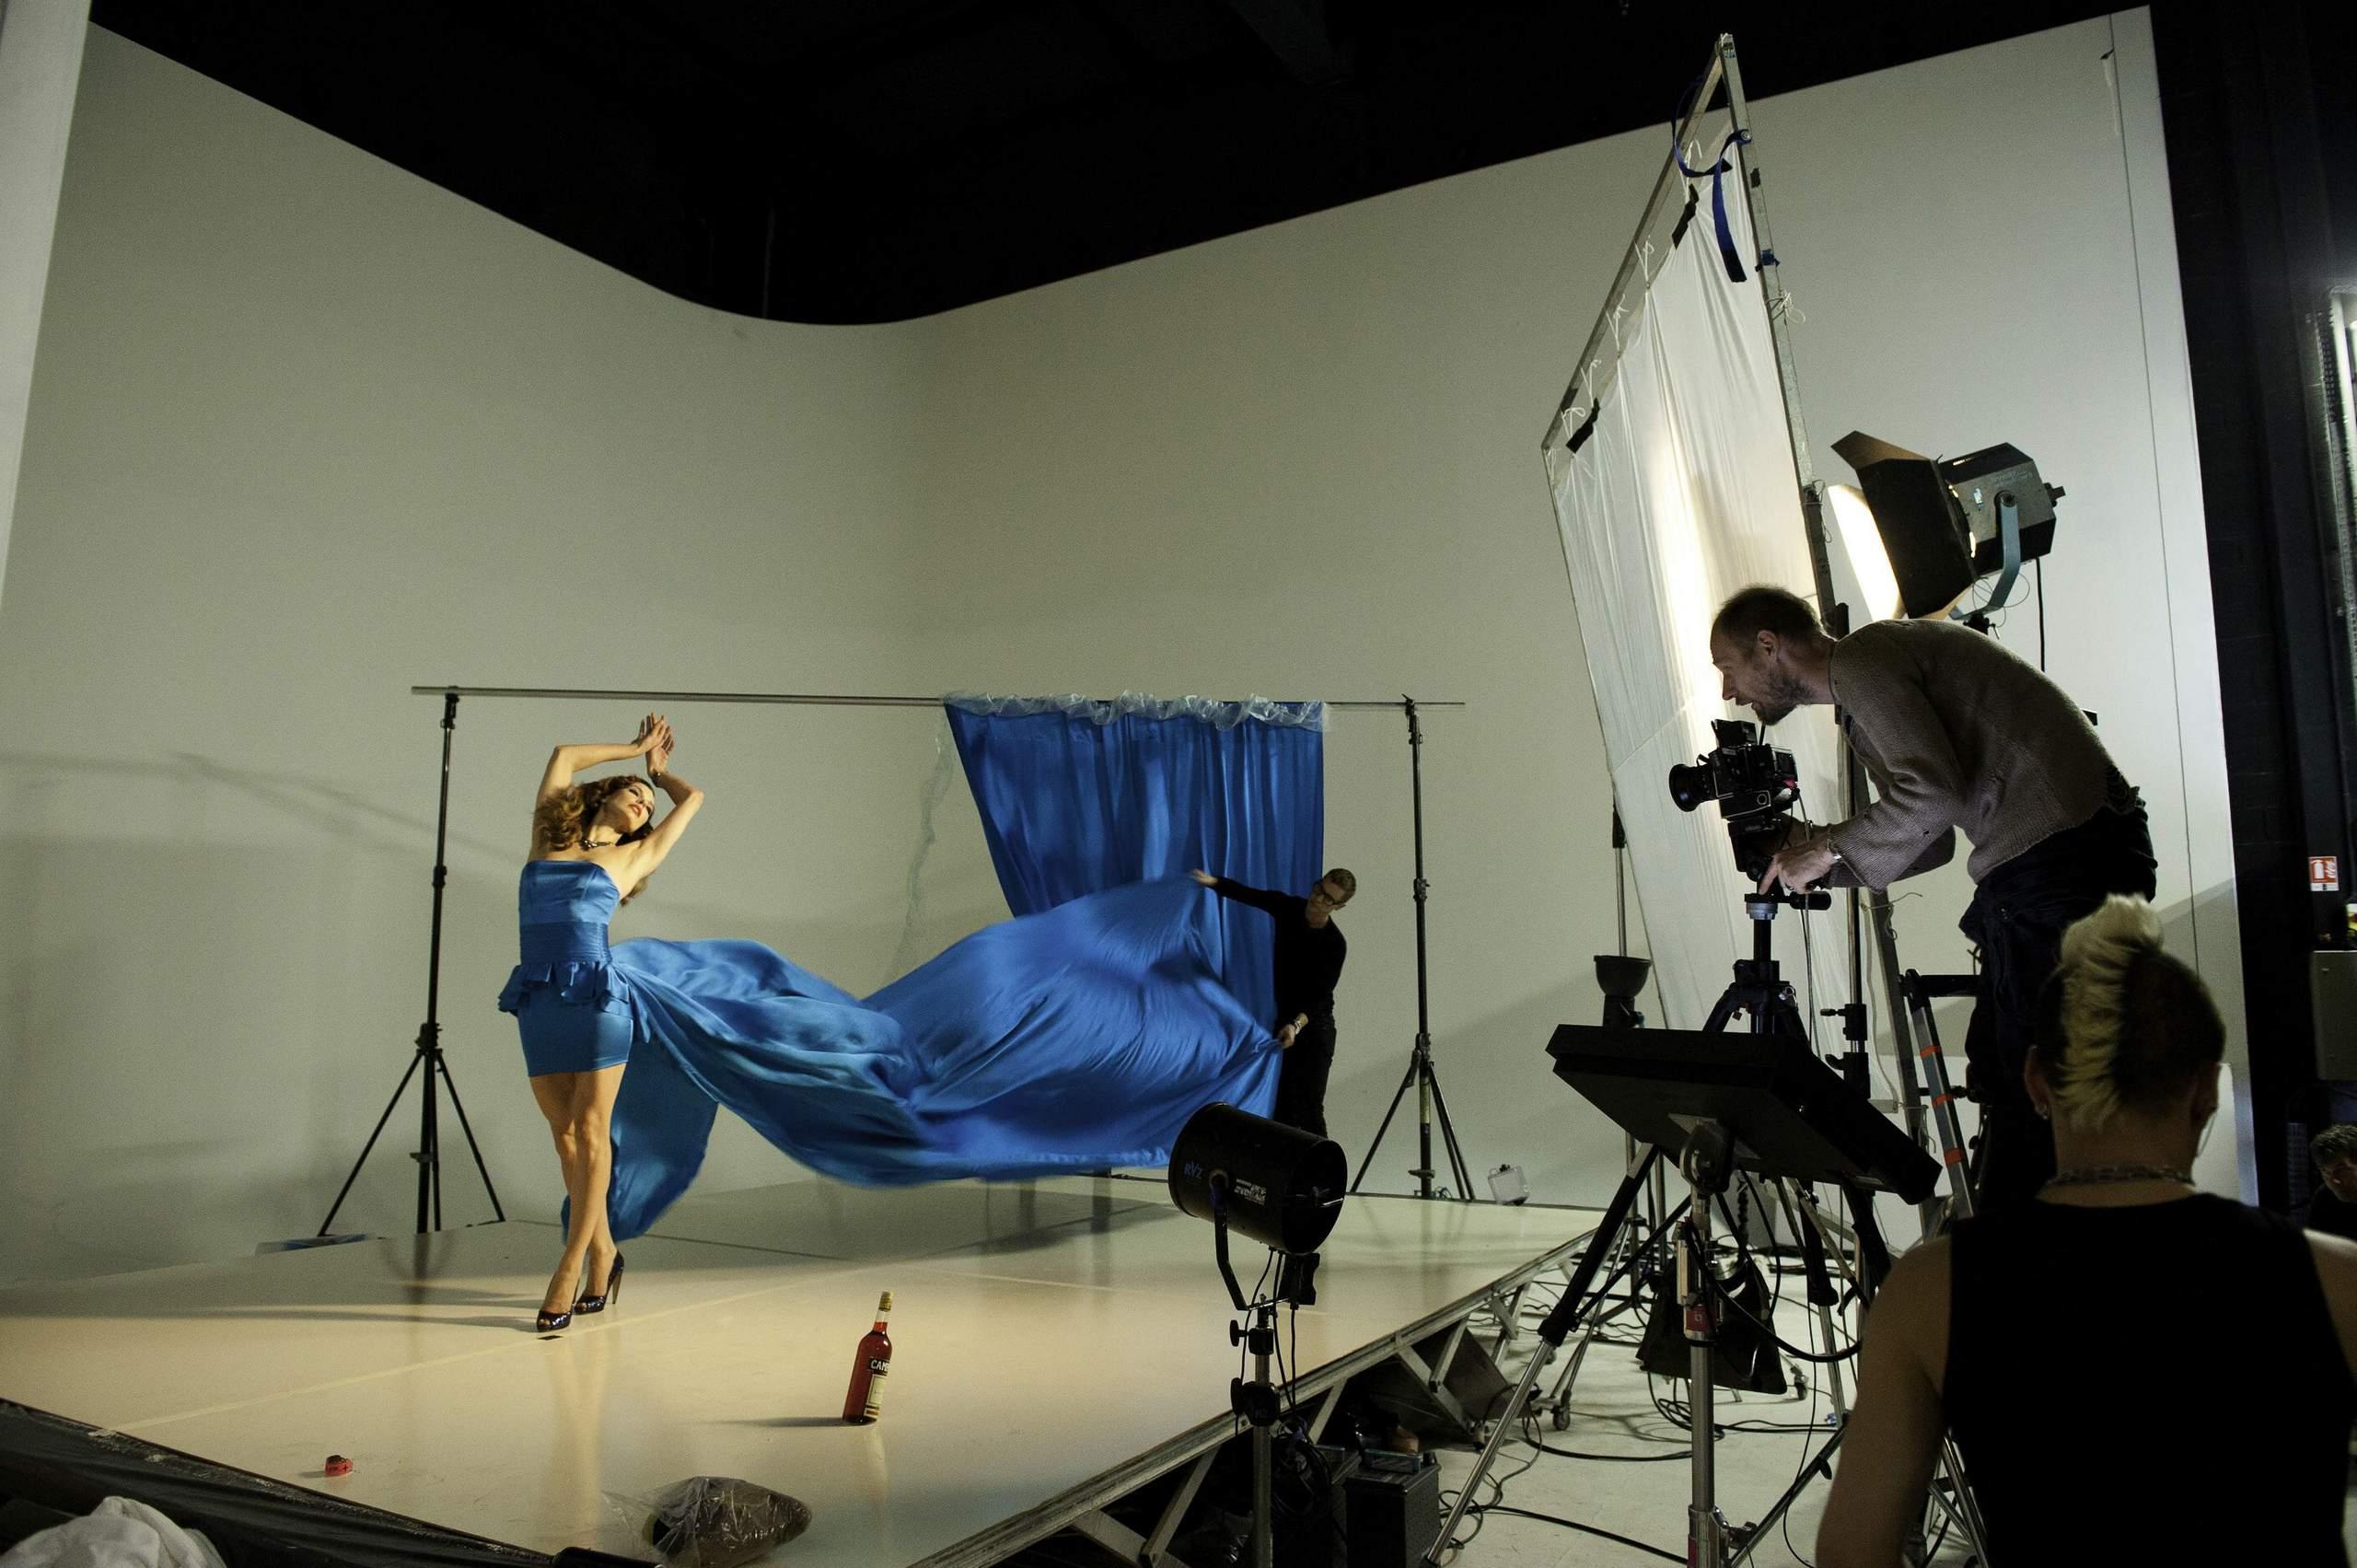 Рабочие моменты съемок, Рабочие моменты съемок промо-ролика программы 8 фотография